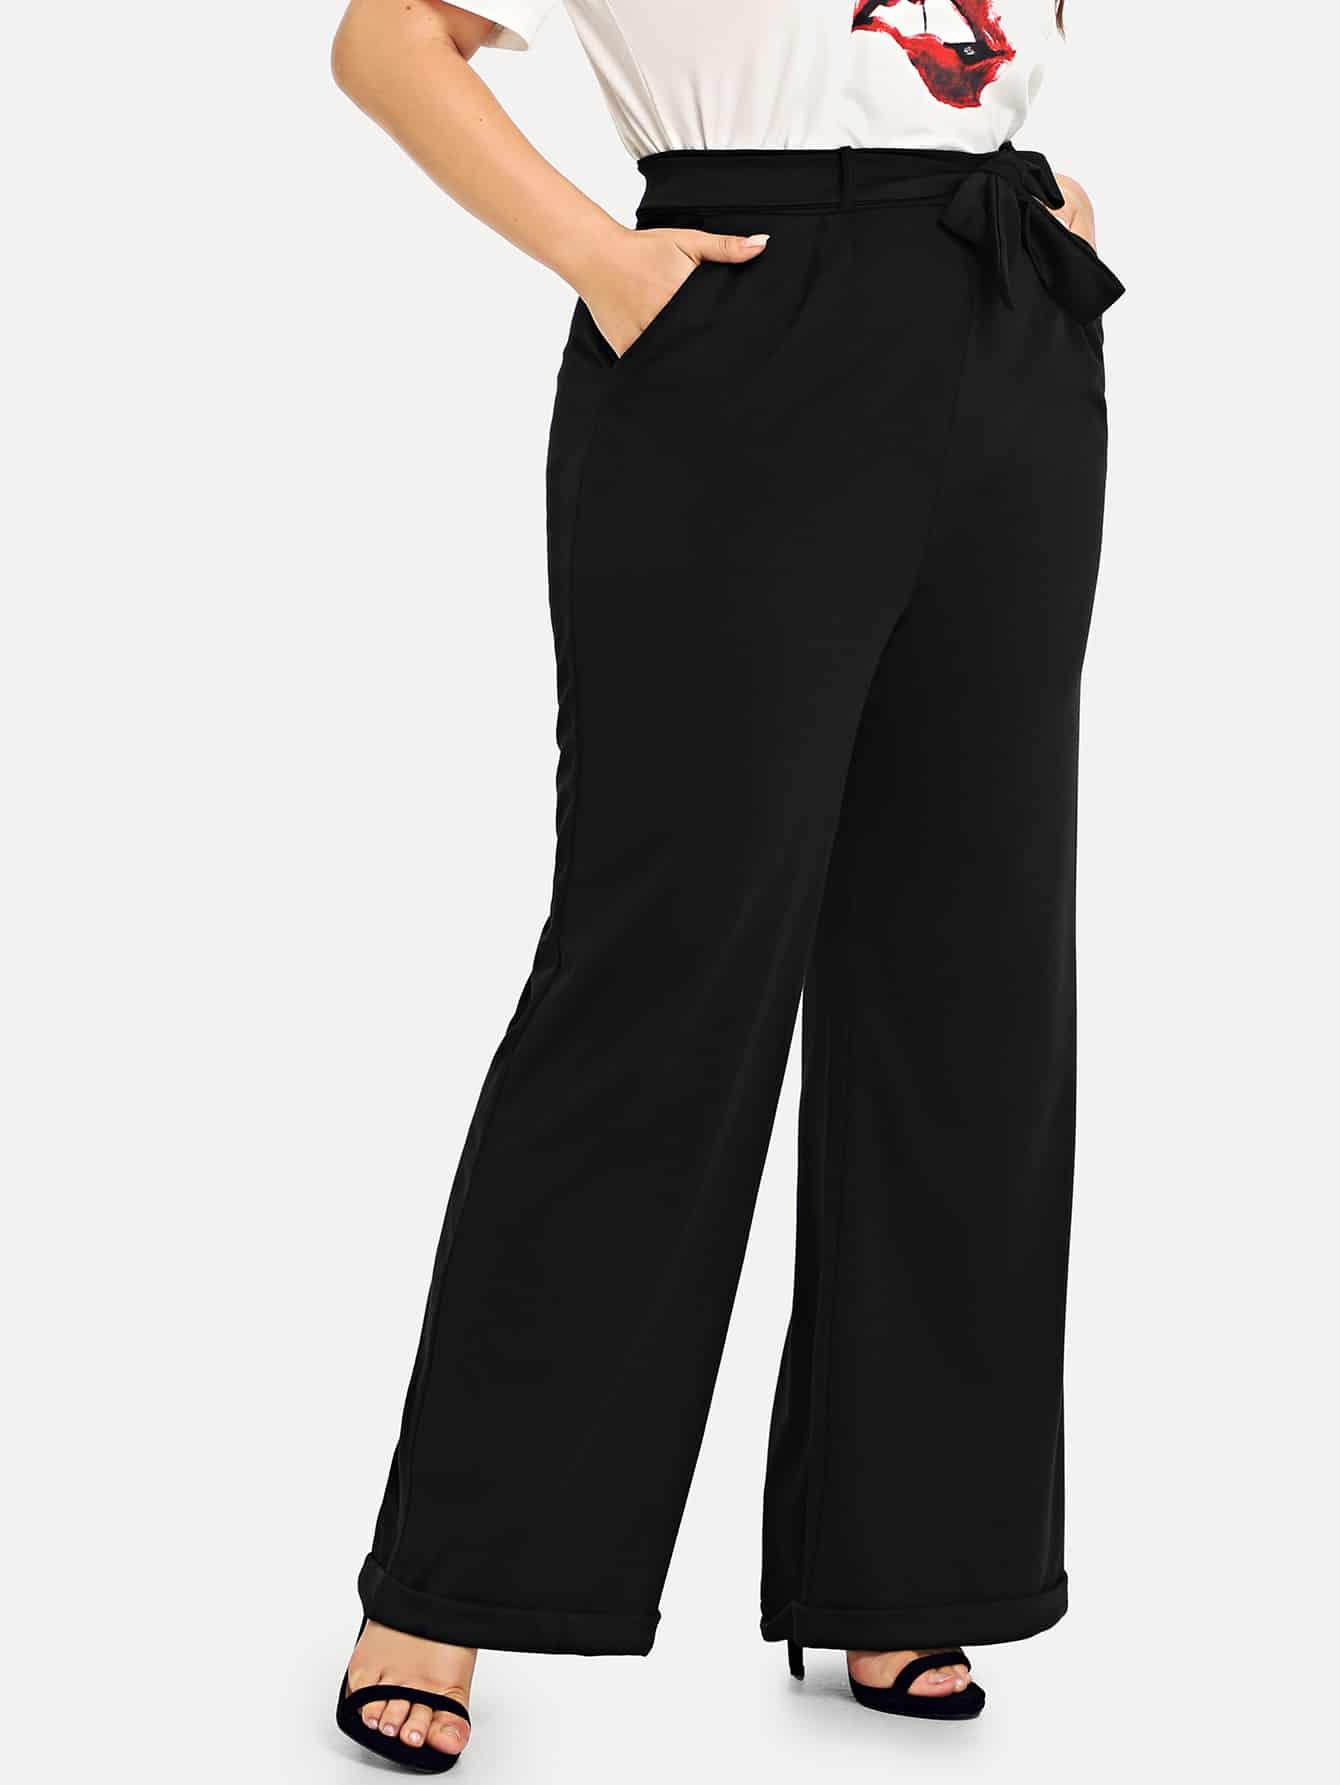 Купить Рубашки с наручниками с поясом, Franziska, SheIn